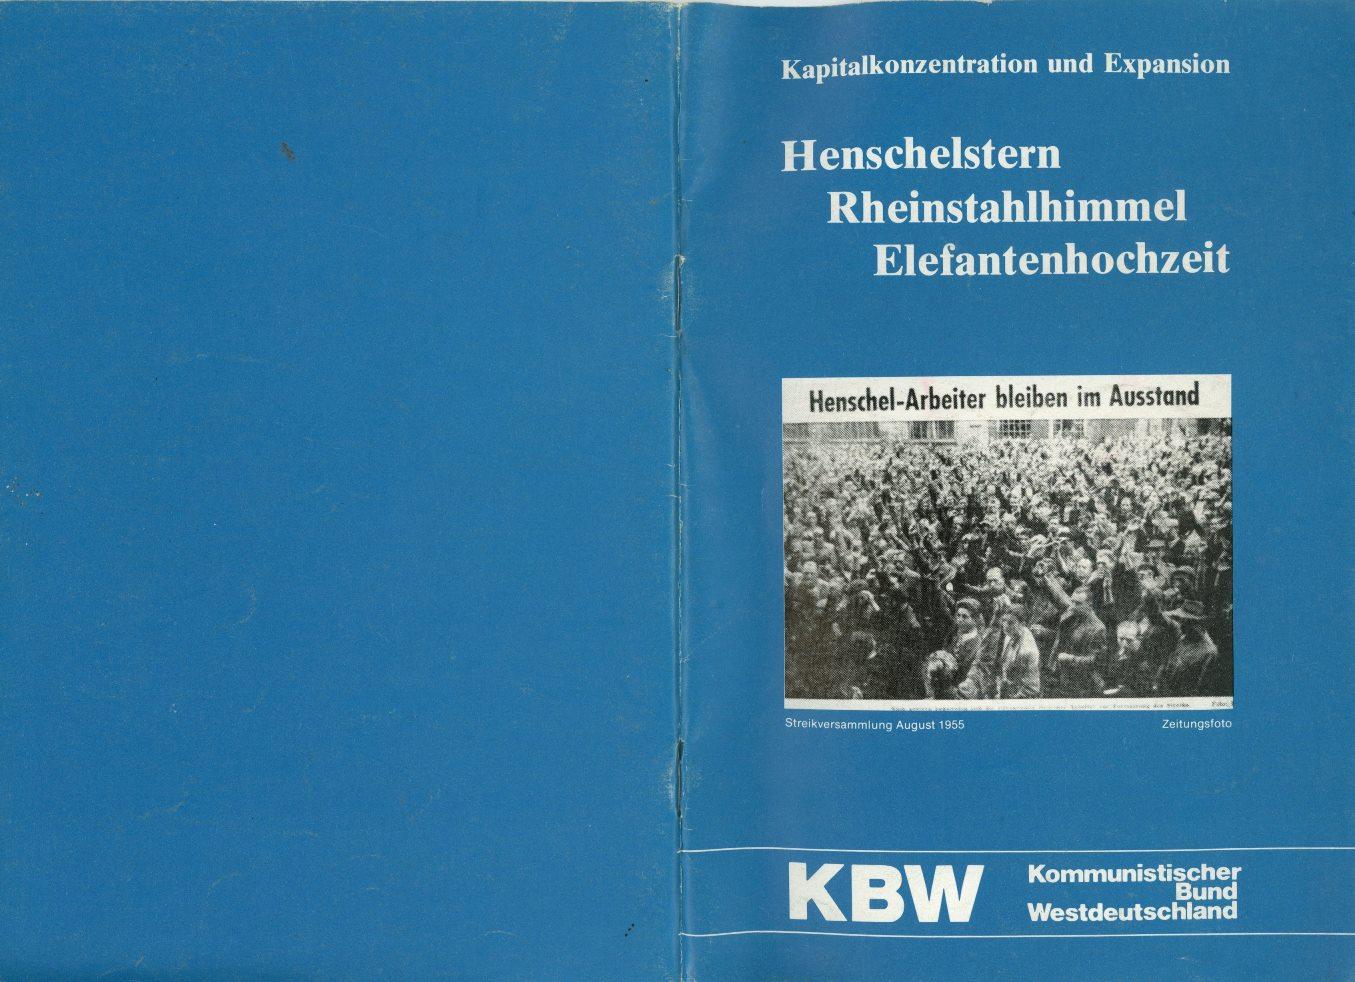 Kassel_DGB_KBW_1977_Henschel_01